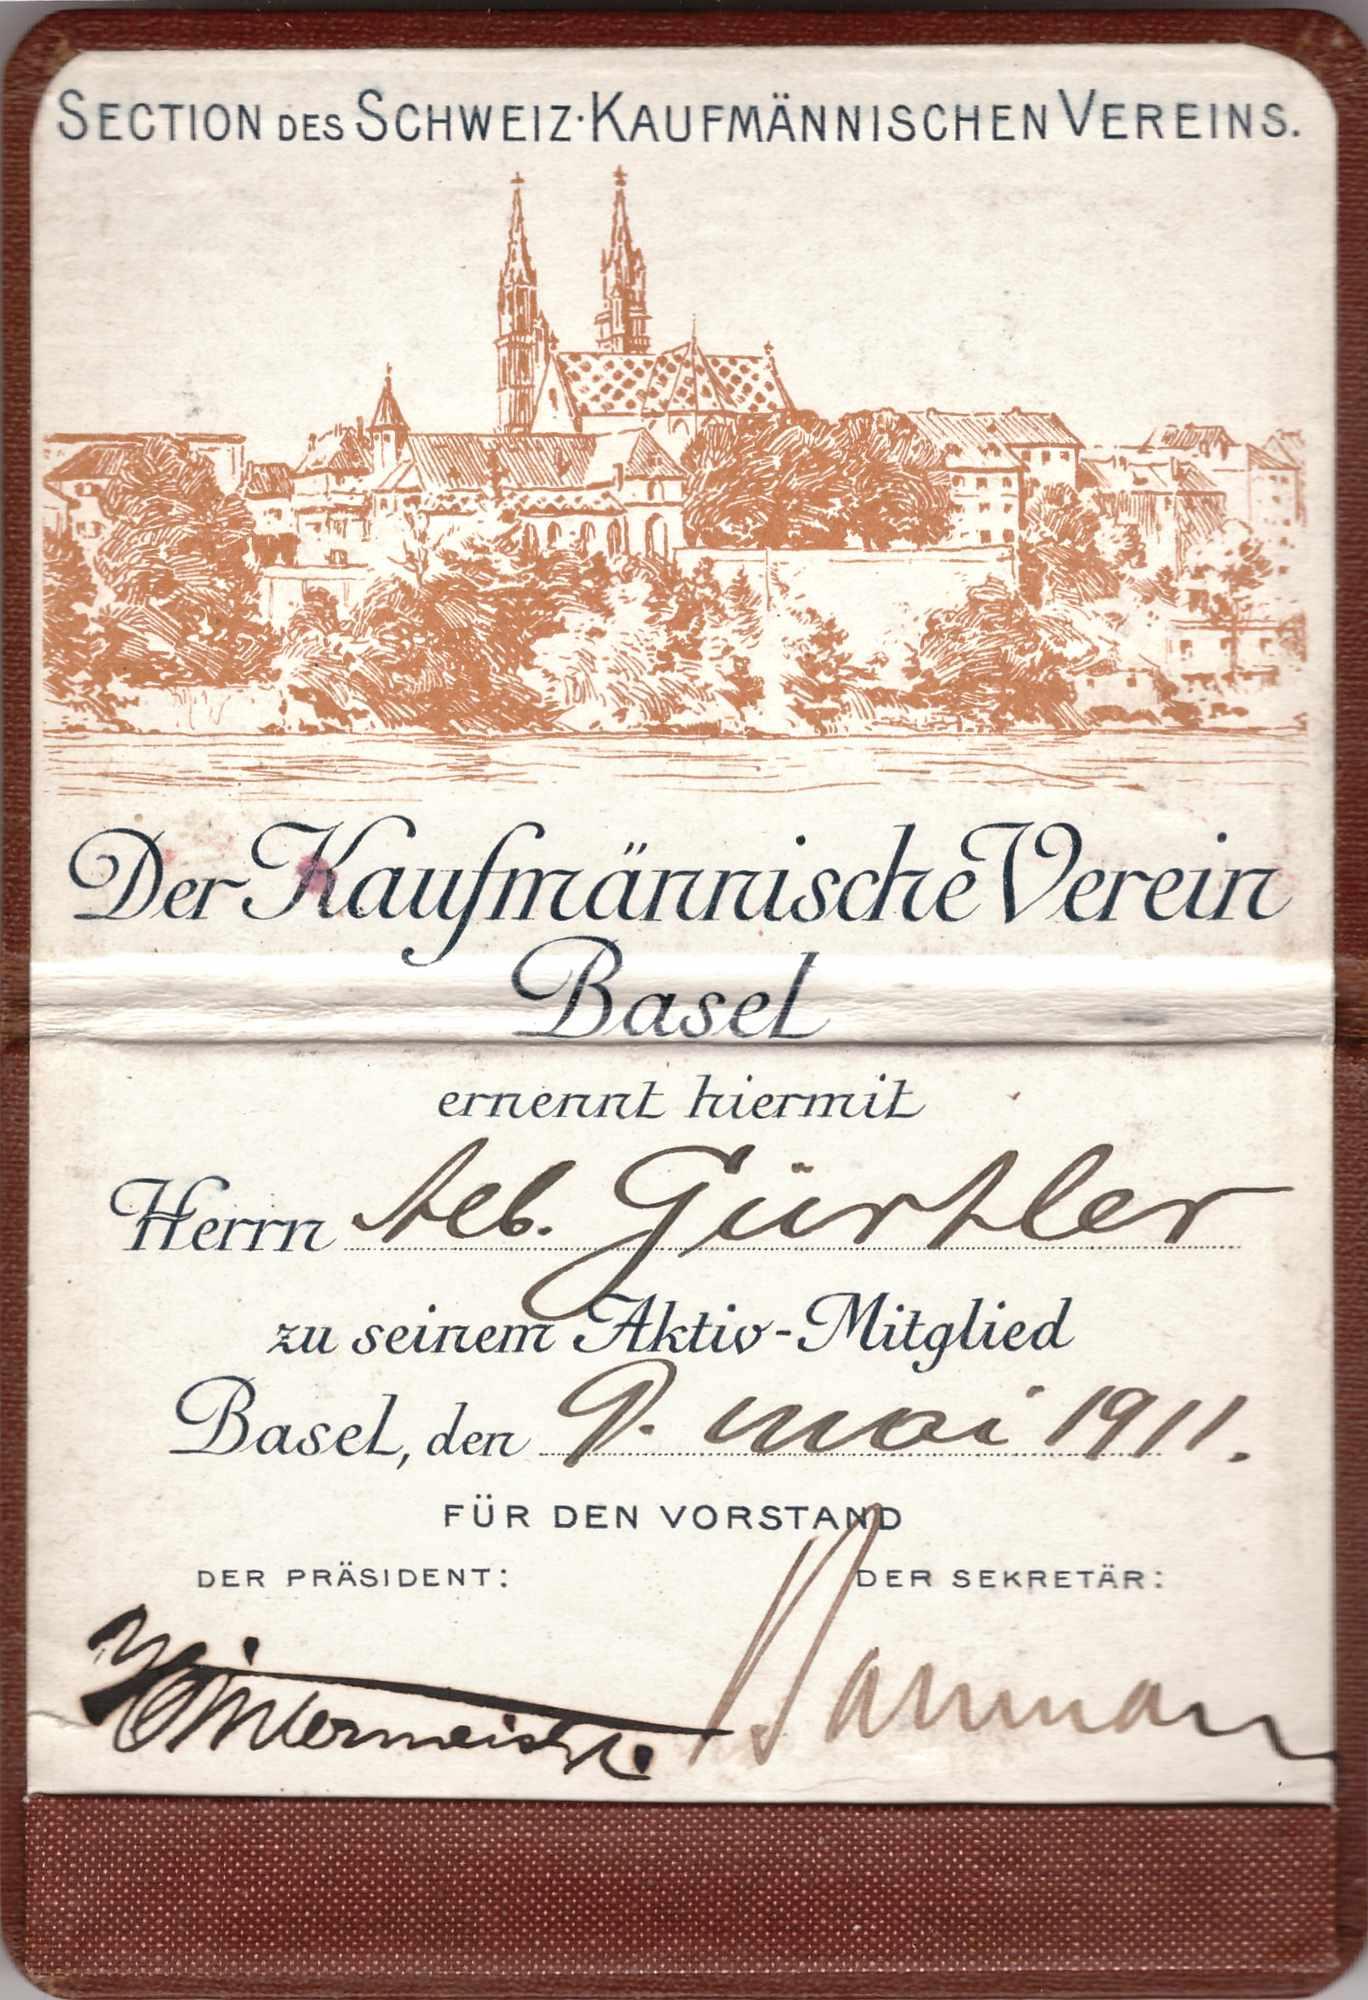 Bild: Ausweis Kaufmännischer Verein Basel (1911)